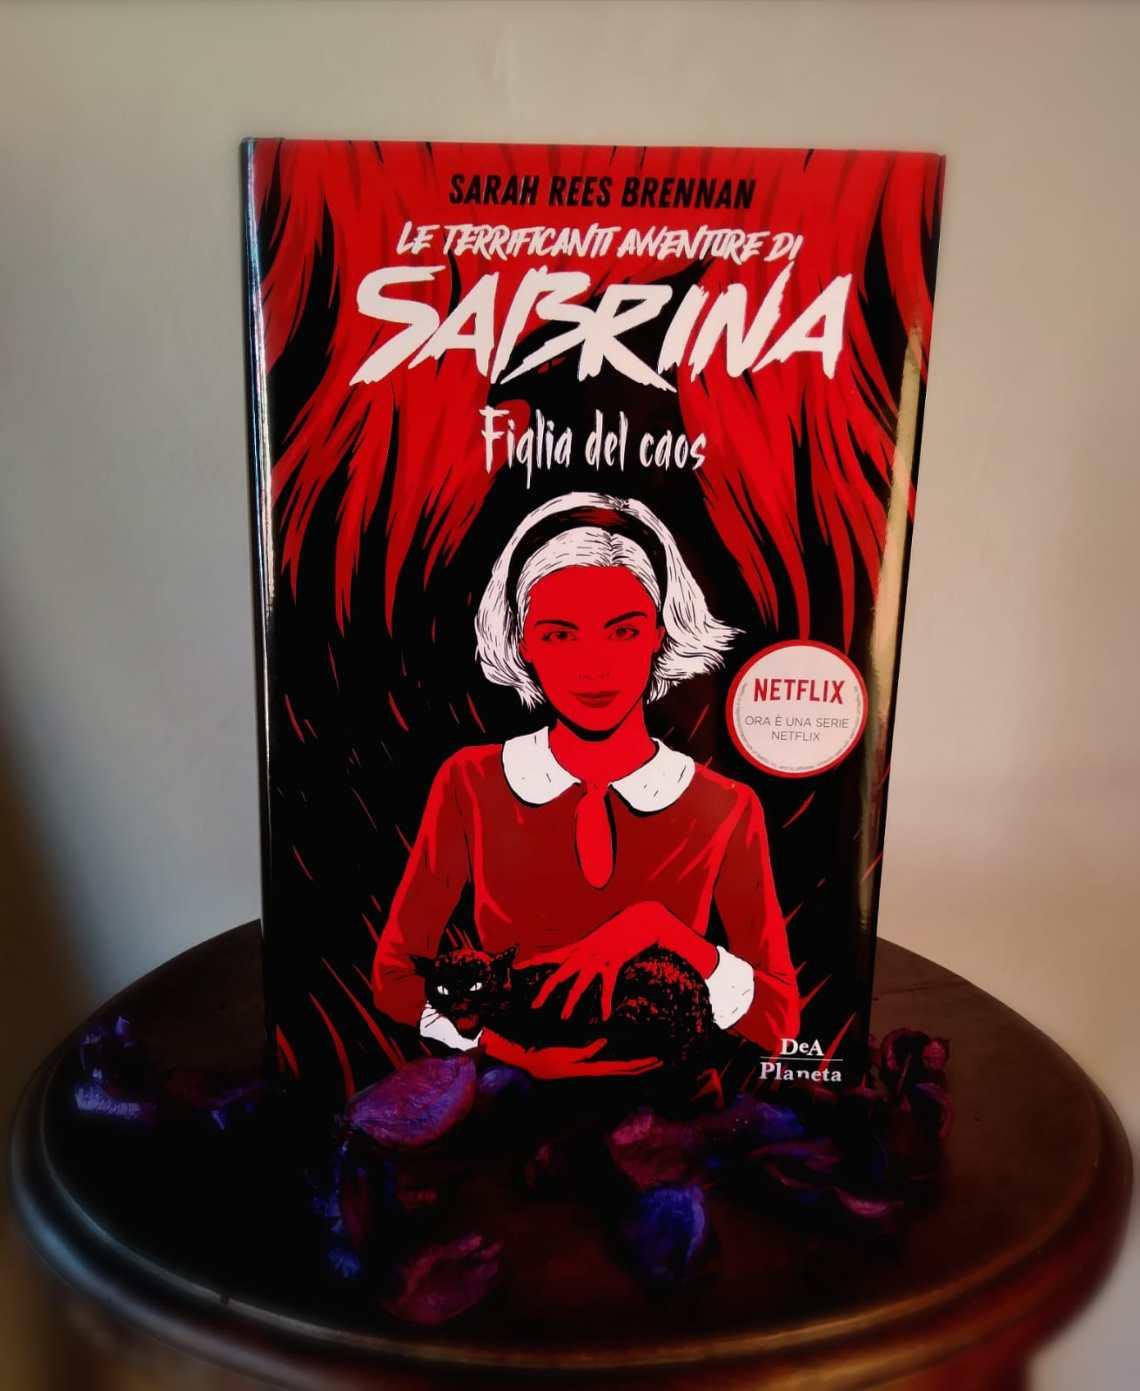 Le terrificanti avventure di Sabrina figlia del caos